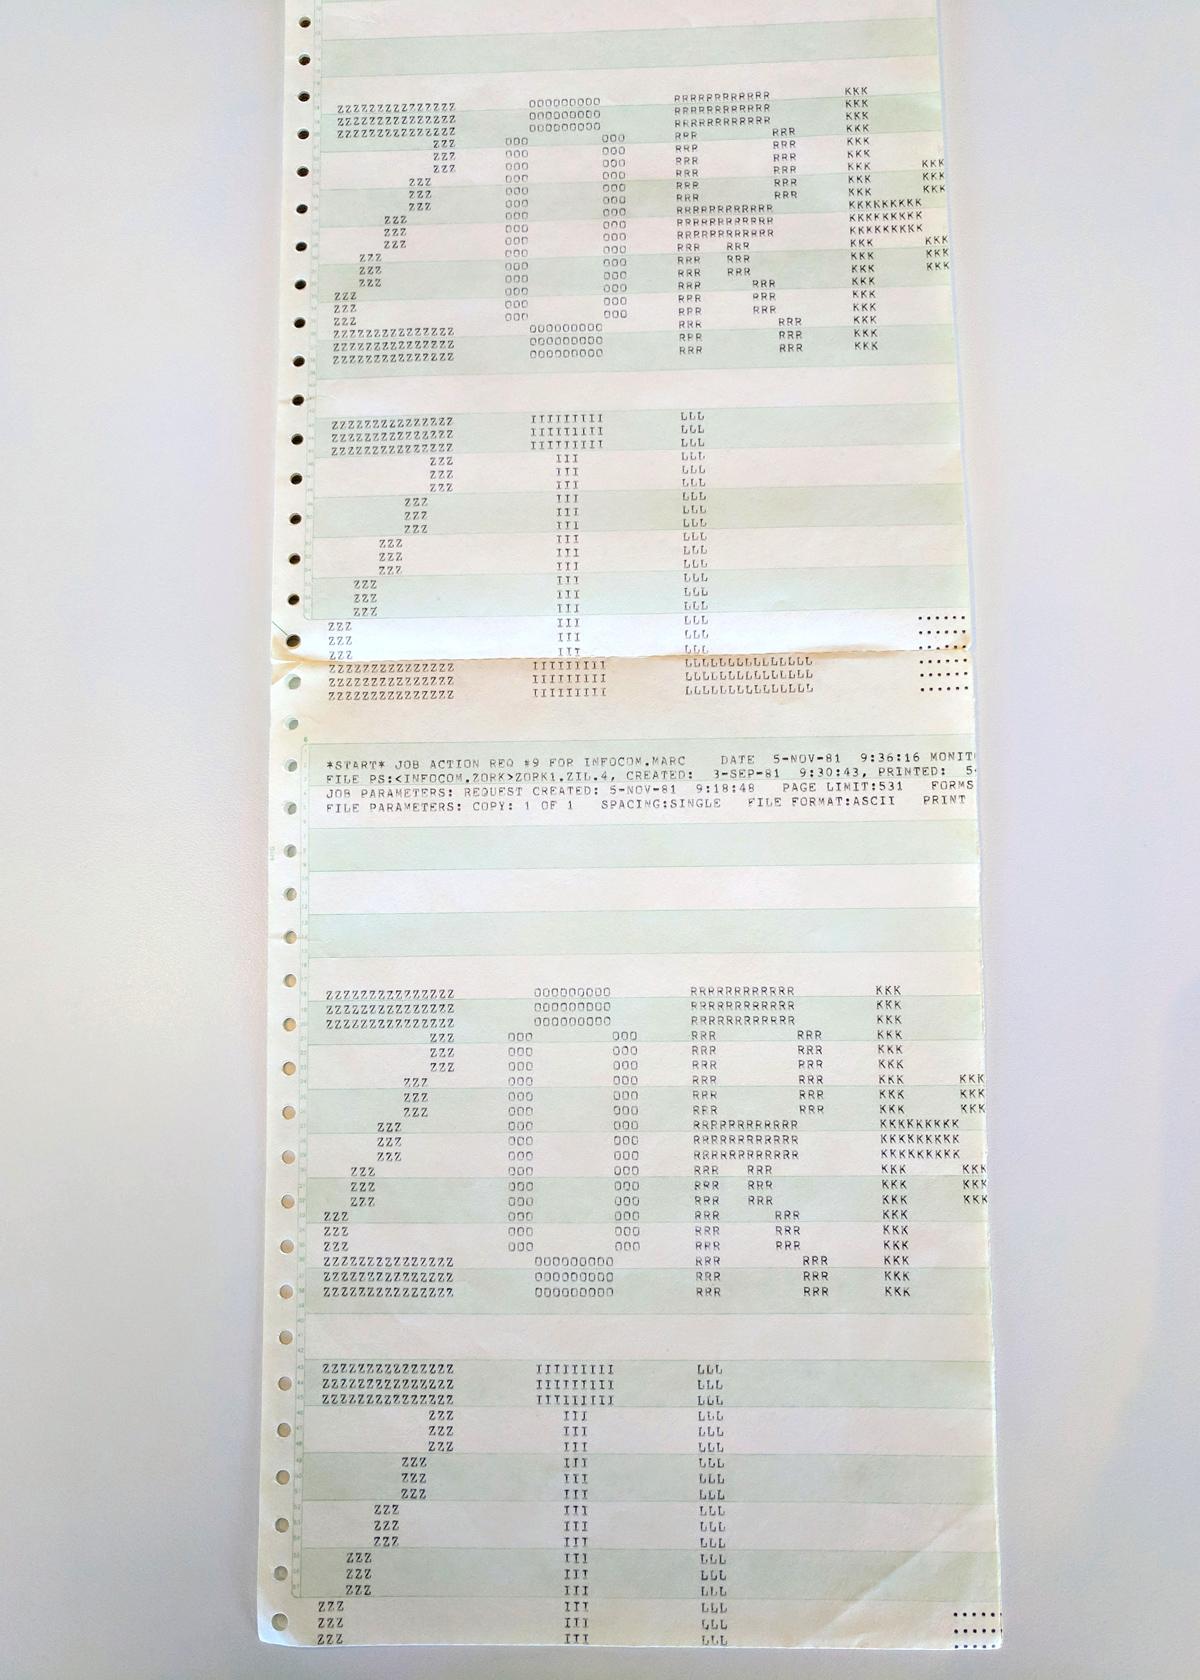 Una copia impresa del código fuente del juego desde noviembre de 1981. La versión original de Zork fue escrita en un mainframe PDP-10 de Digital Equipment Corporation que tenía un sistema operativo llamado ITS y un lenguaje de programación llamado MDL, ambos desarrollados en MIT. Las versiones comerciales del juego fueron escritas en un lenguaje de programación llamado Zork Implementation Language (ZIL) que funcionaba dentro de una máquina virtual encima de ordenadores personales.